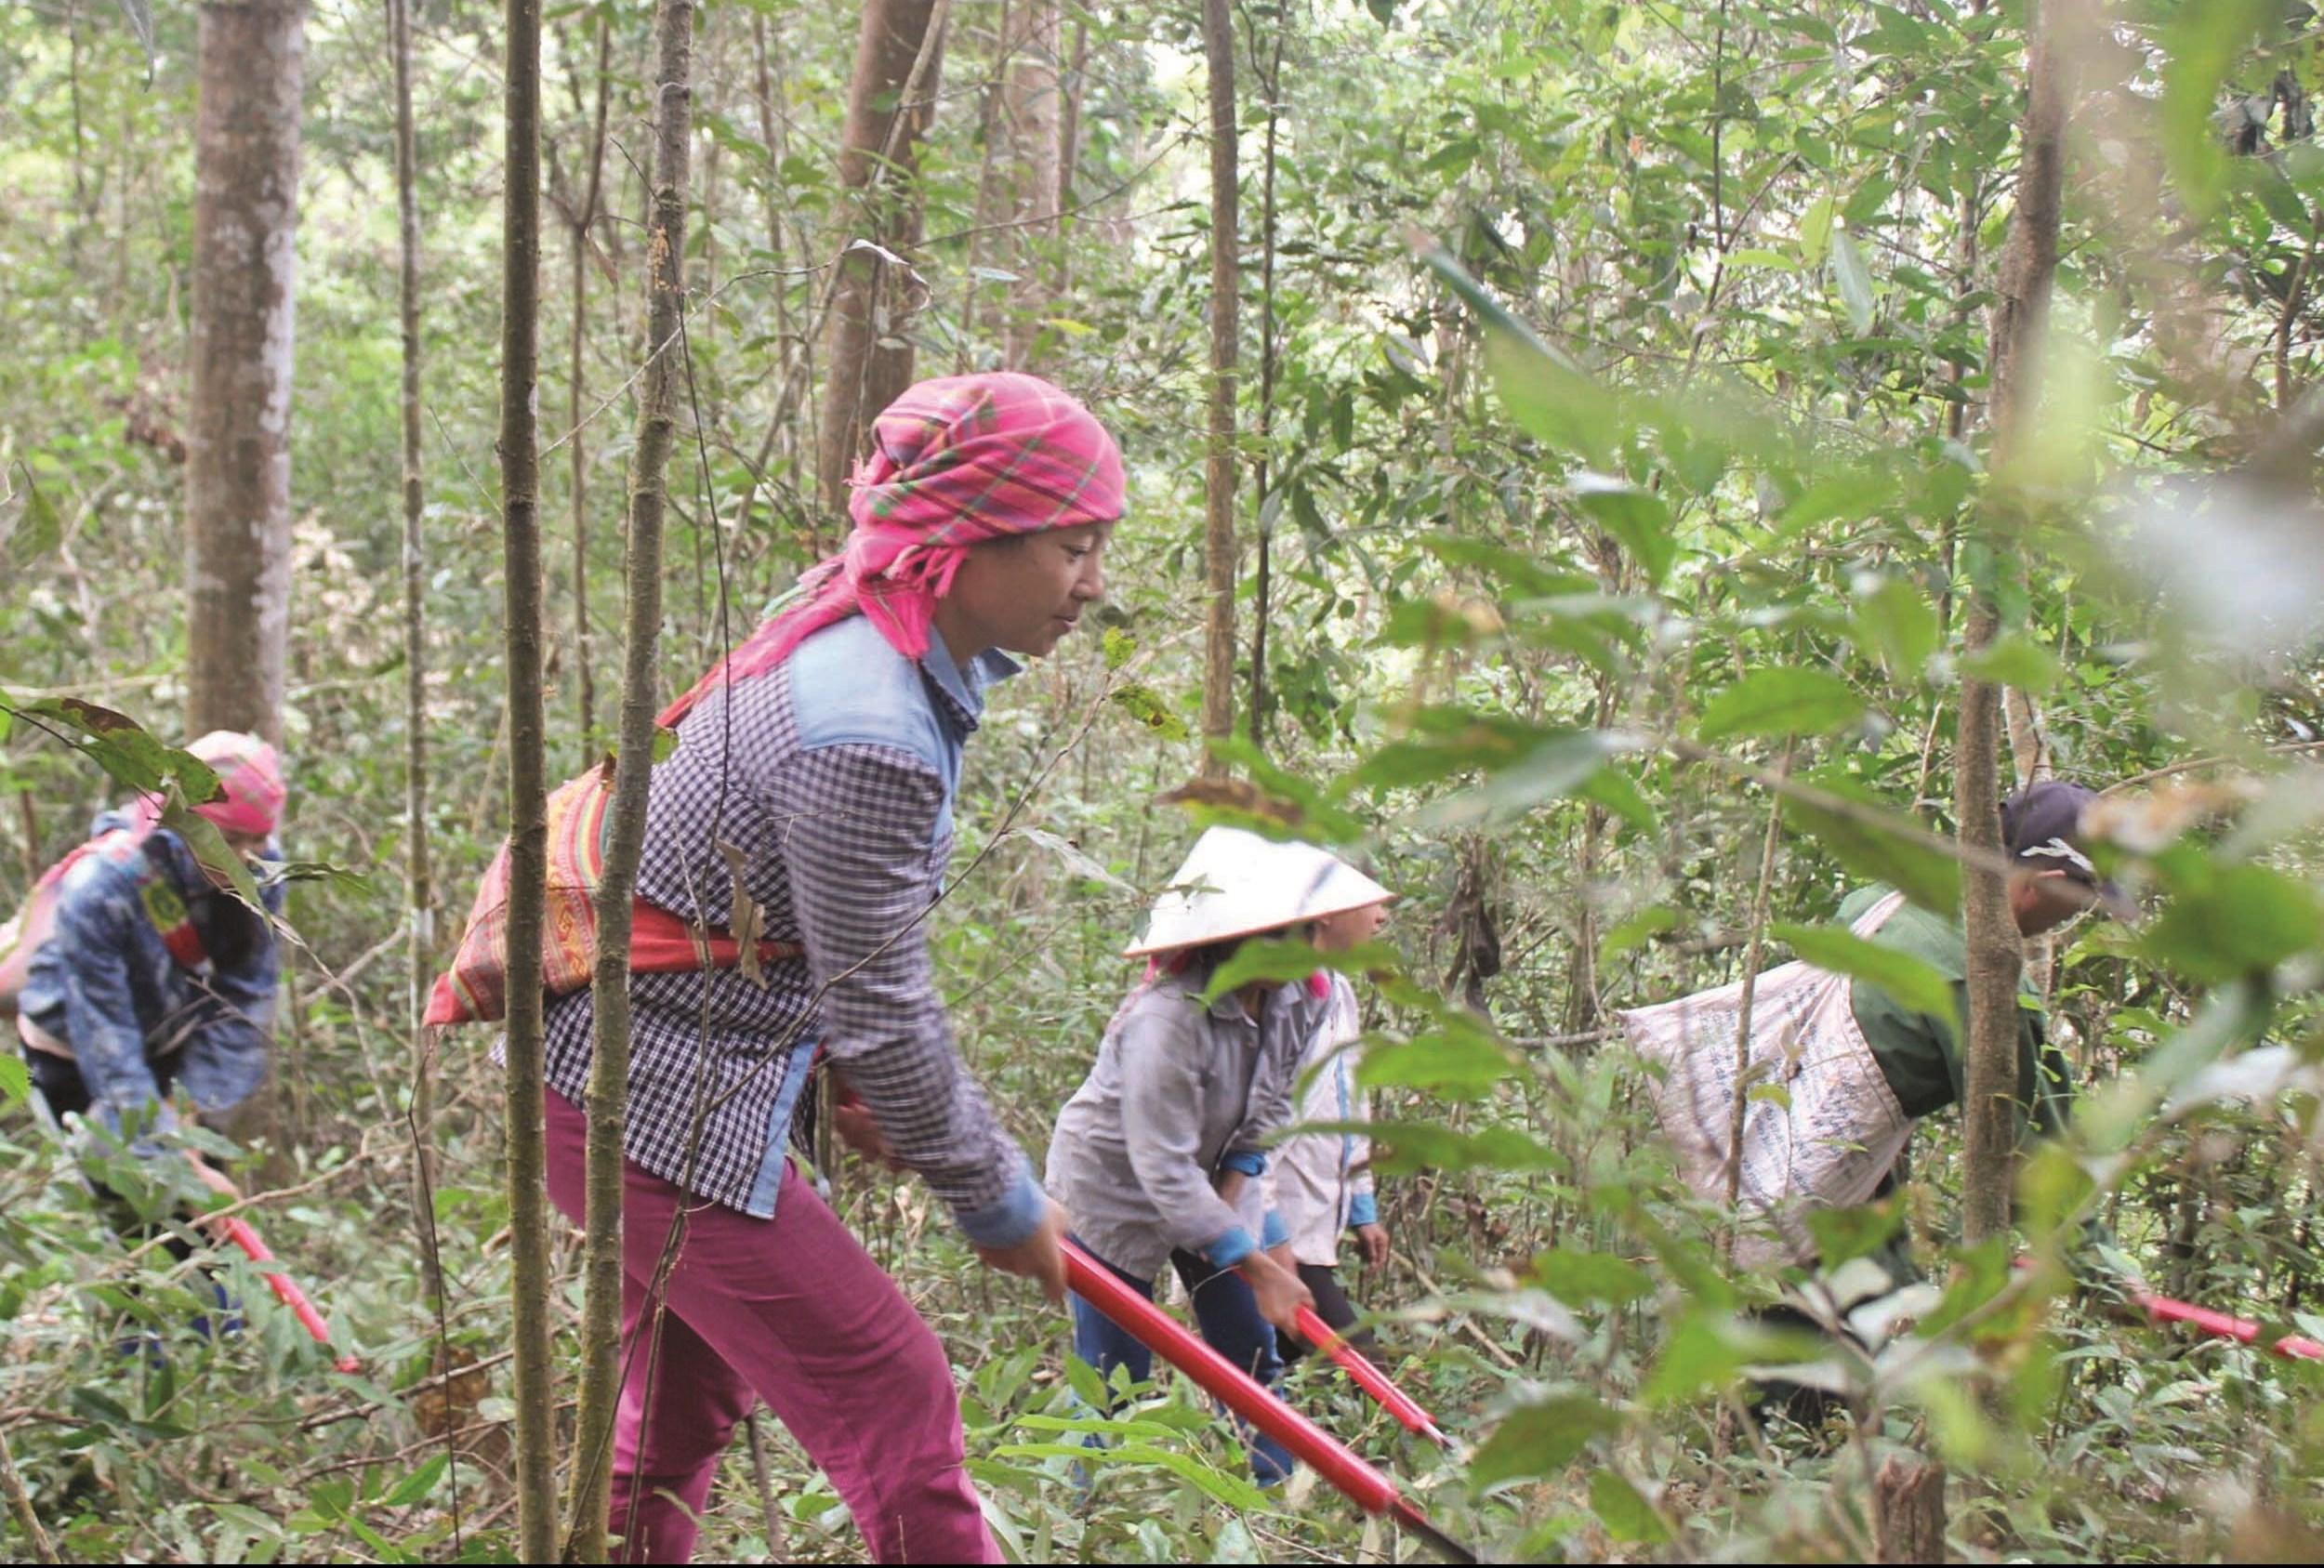 Người dân Mường Nhé phát dọn thực bì, phòng ngừa cháy rừng mùa hanh khô